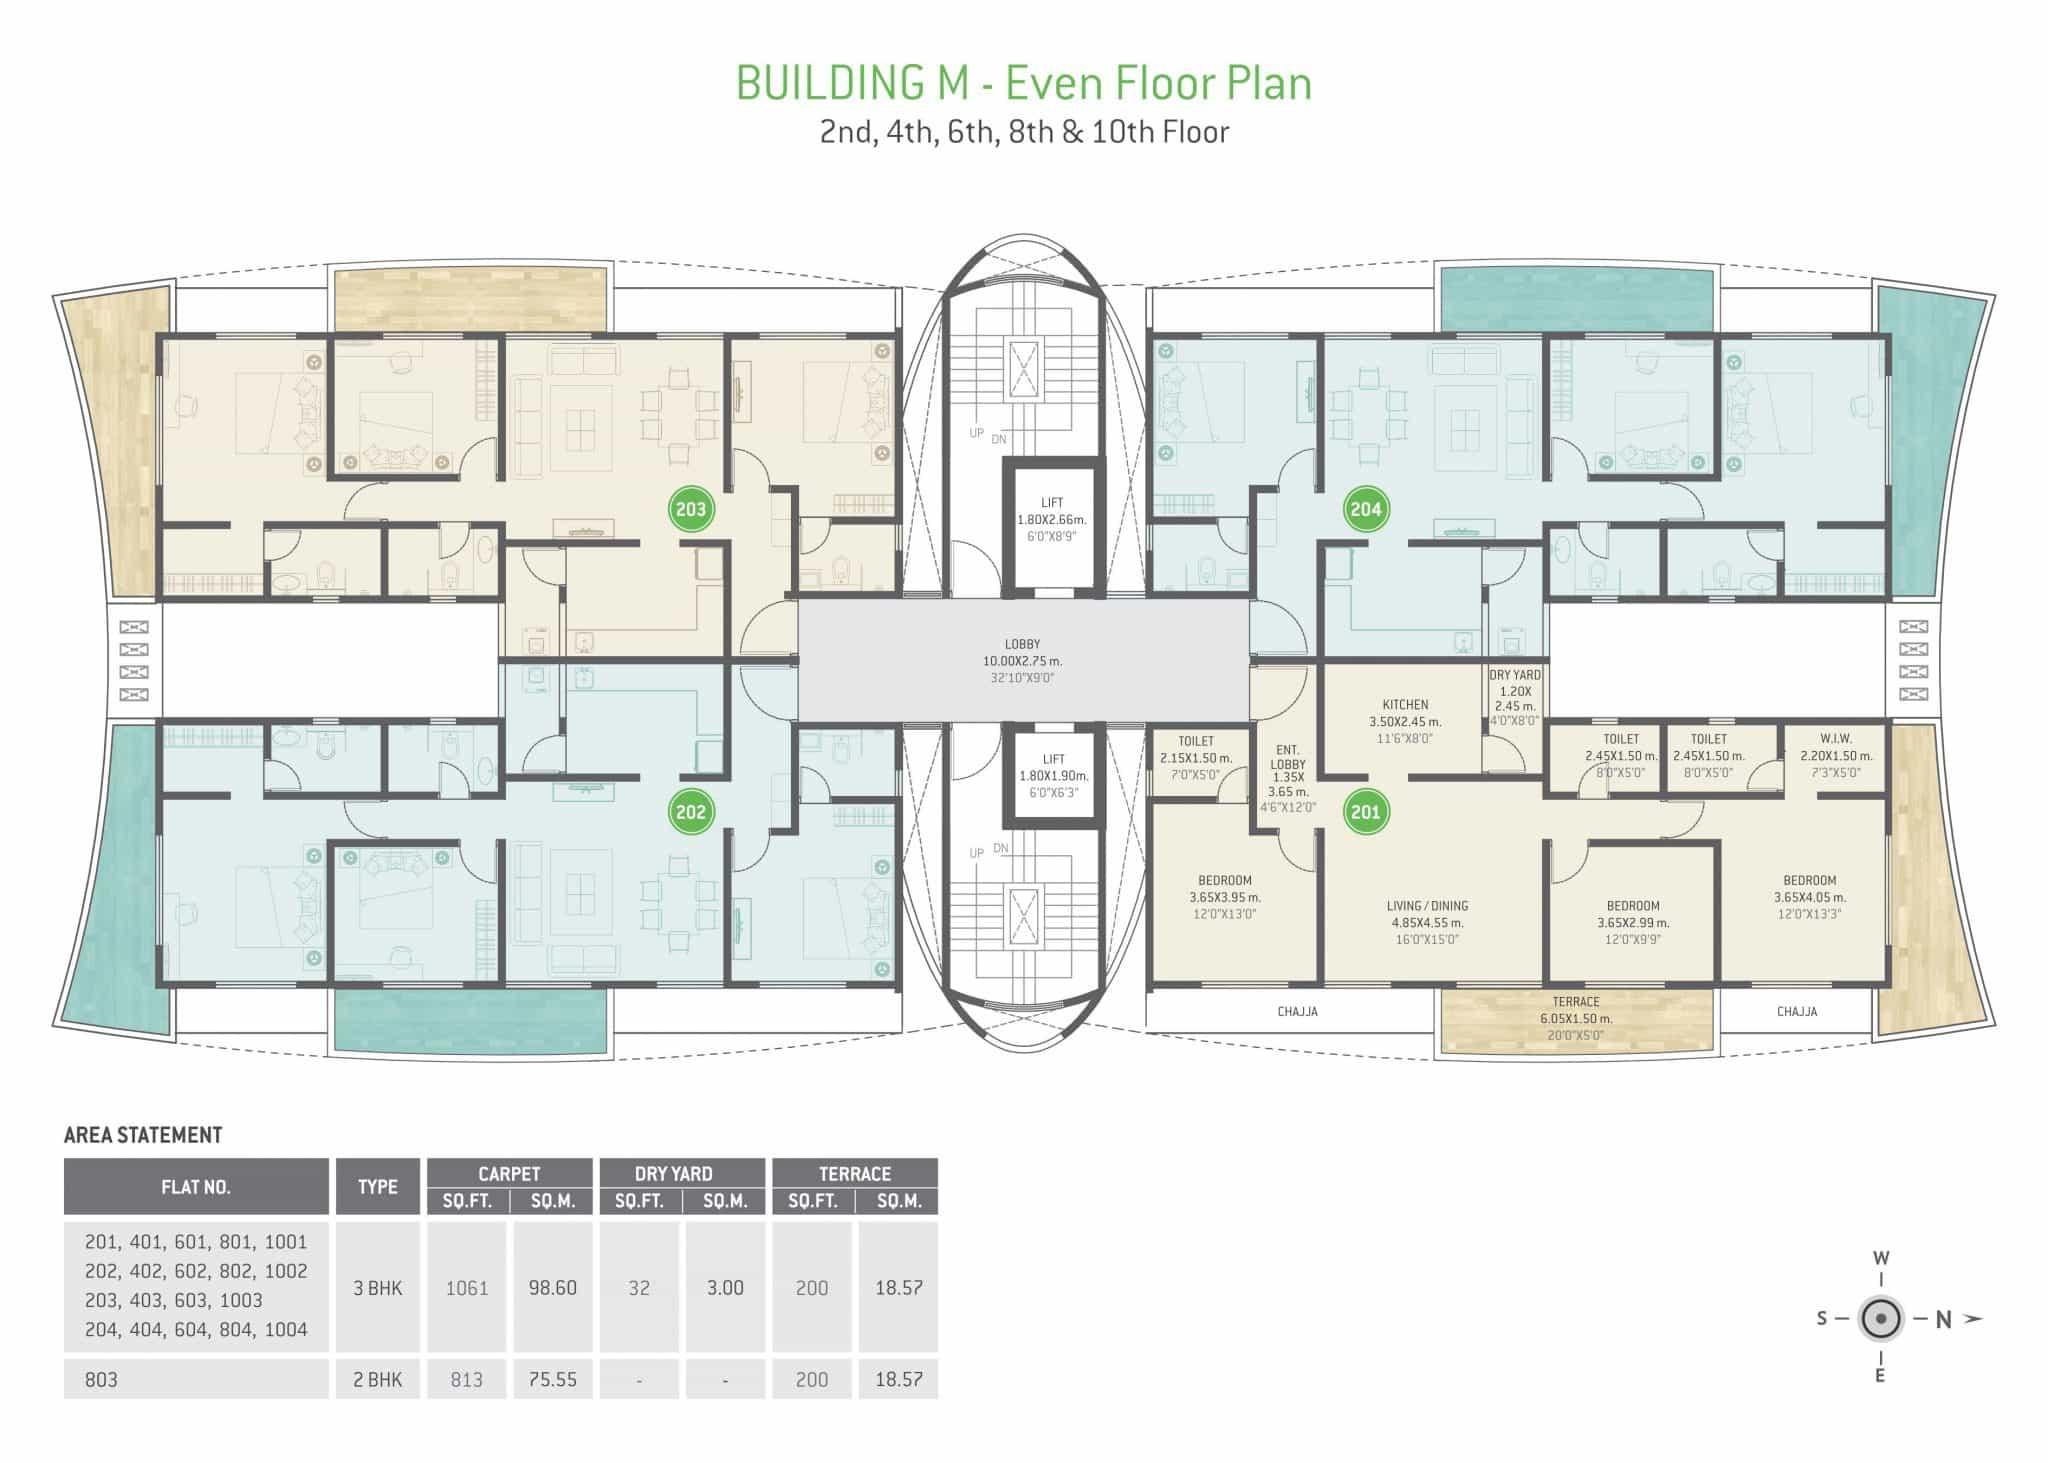 Building M - Even Floor